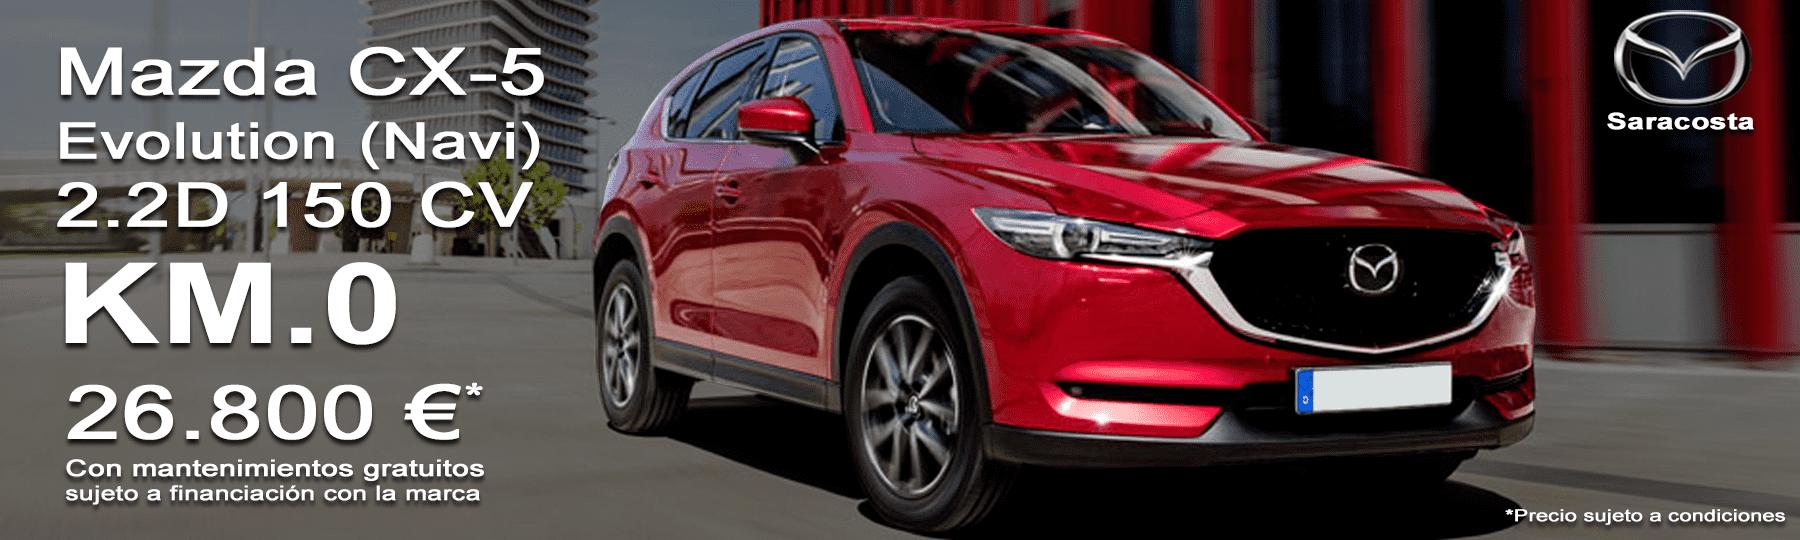 Mazda CX5 2.2d 150cv Evolution Navi Km.0